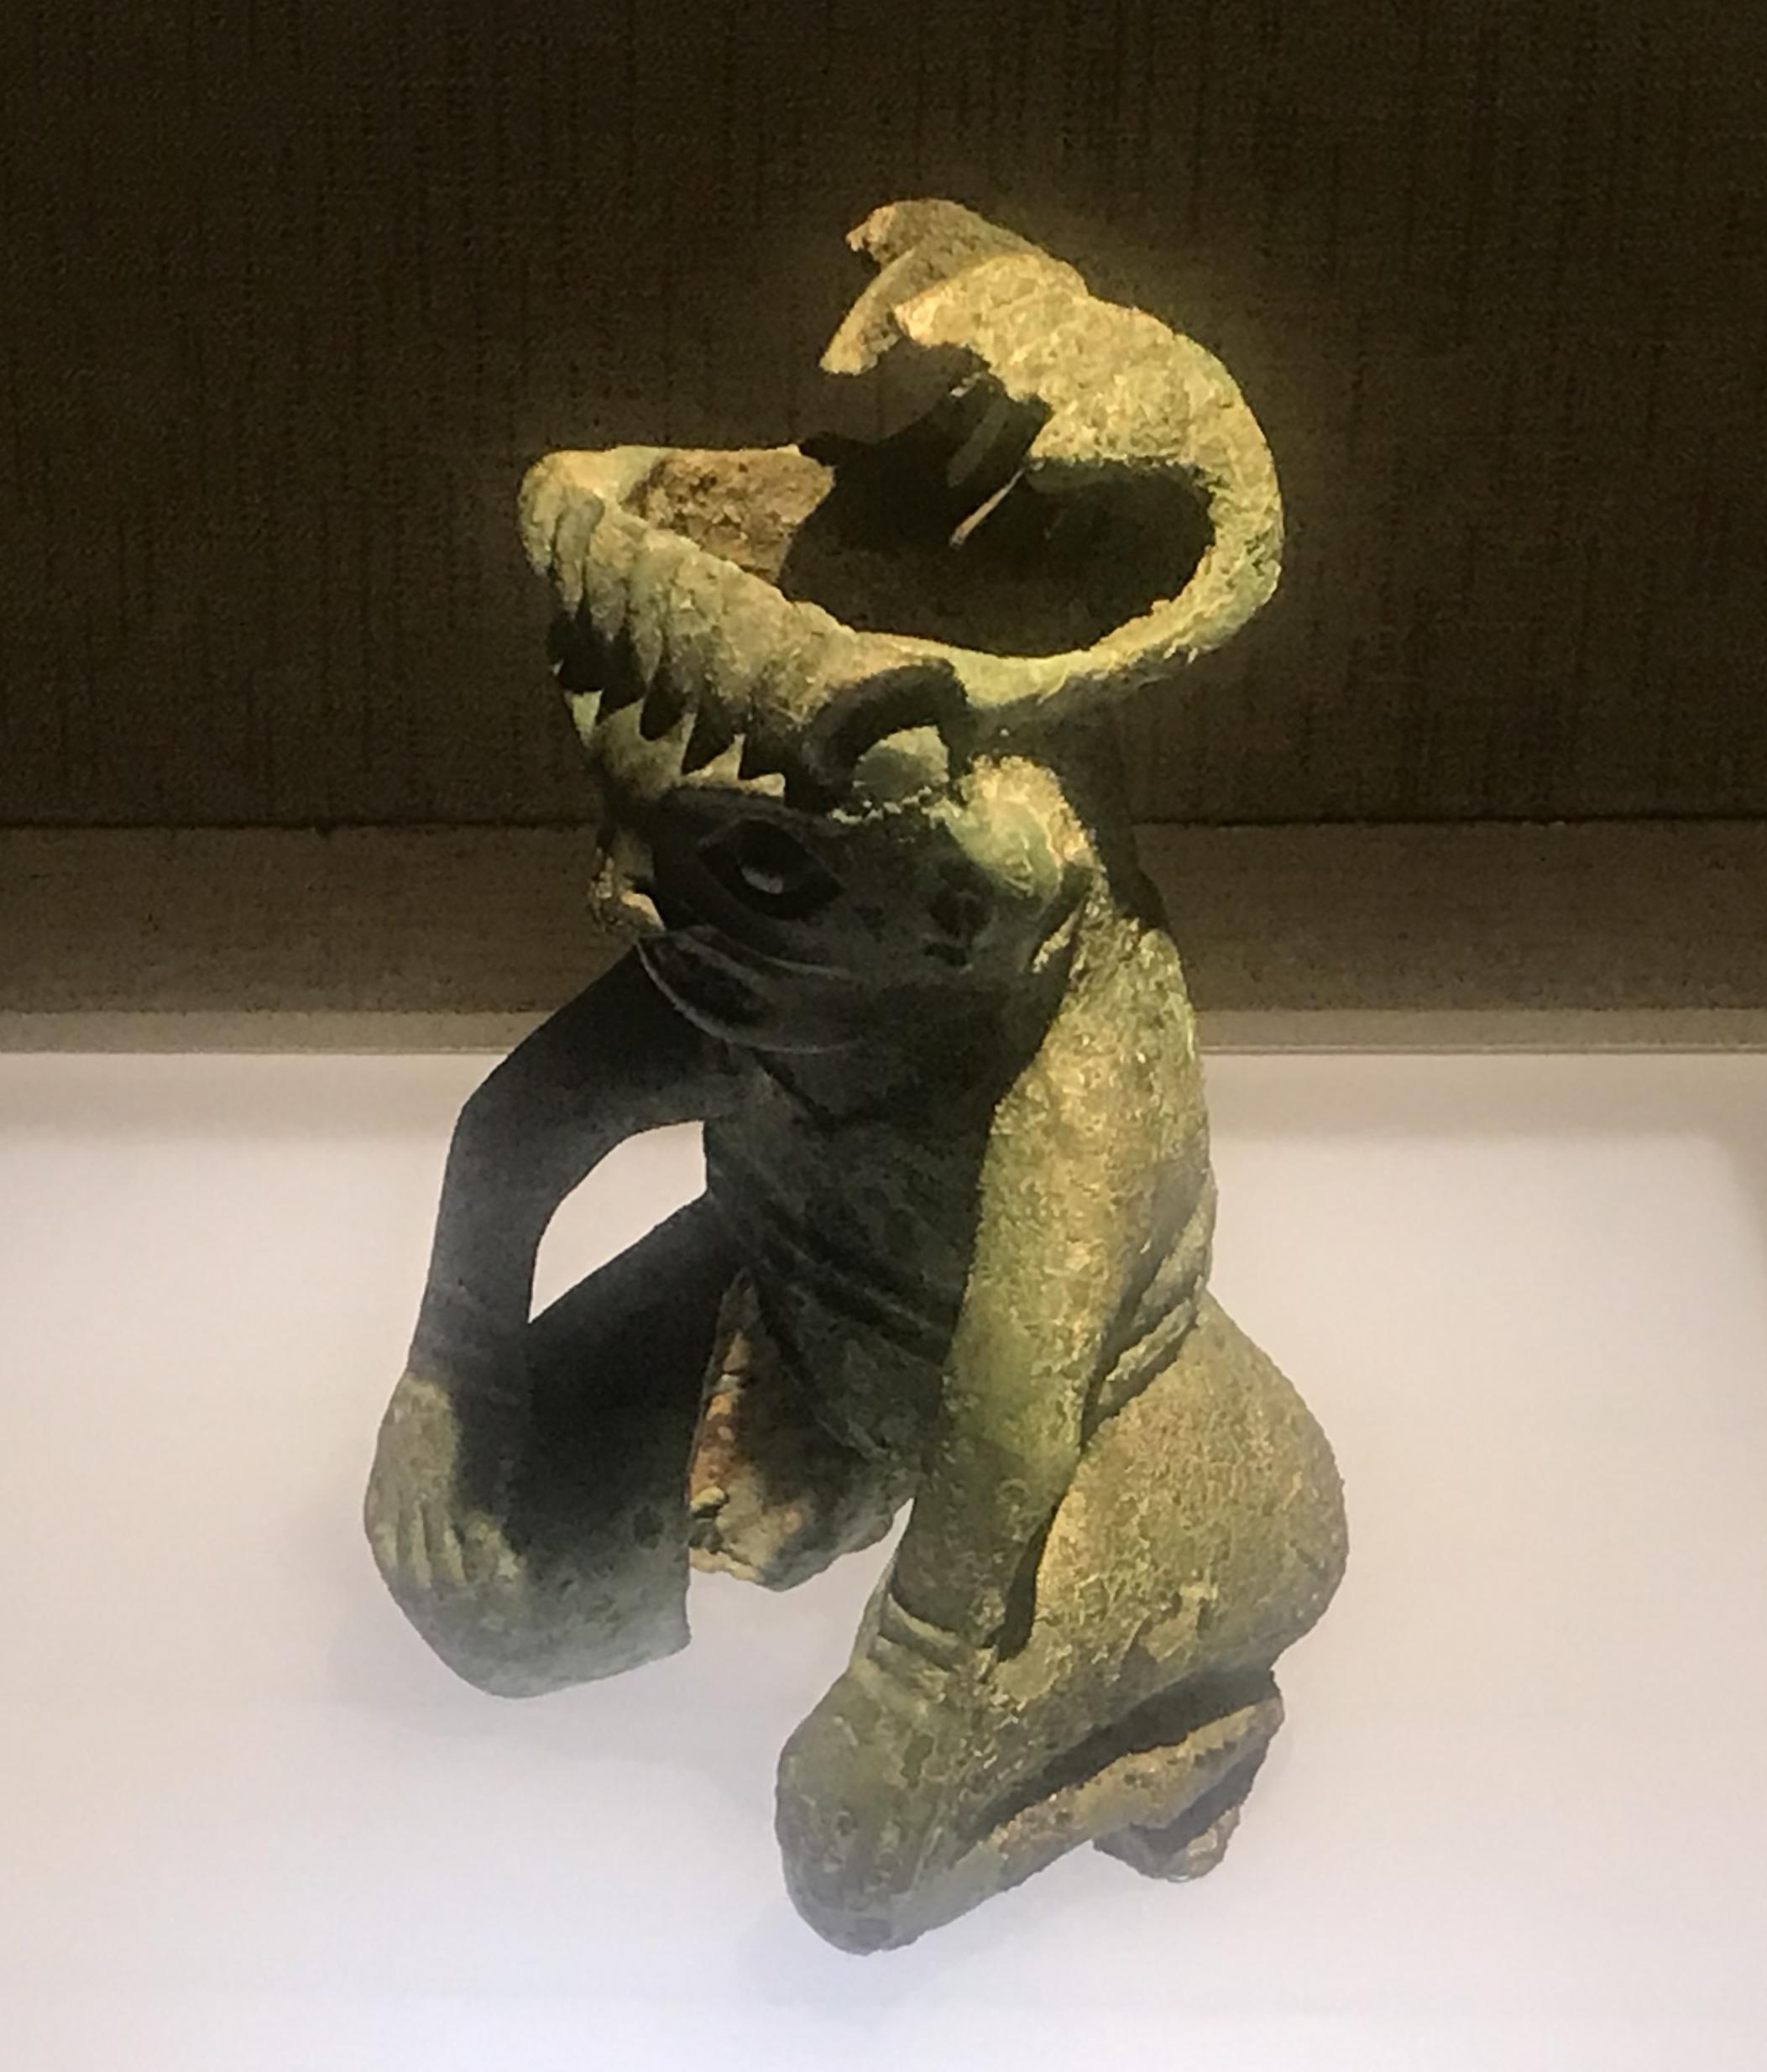 青銅跪く人物像-一号祭祀坑-青銅器館-三星堆博物館-広漢市-徳陽市-四川省